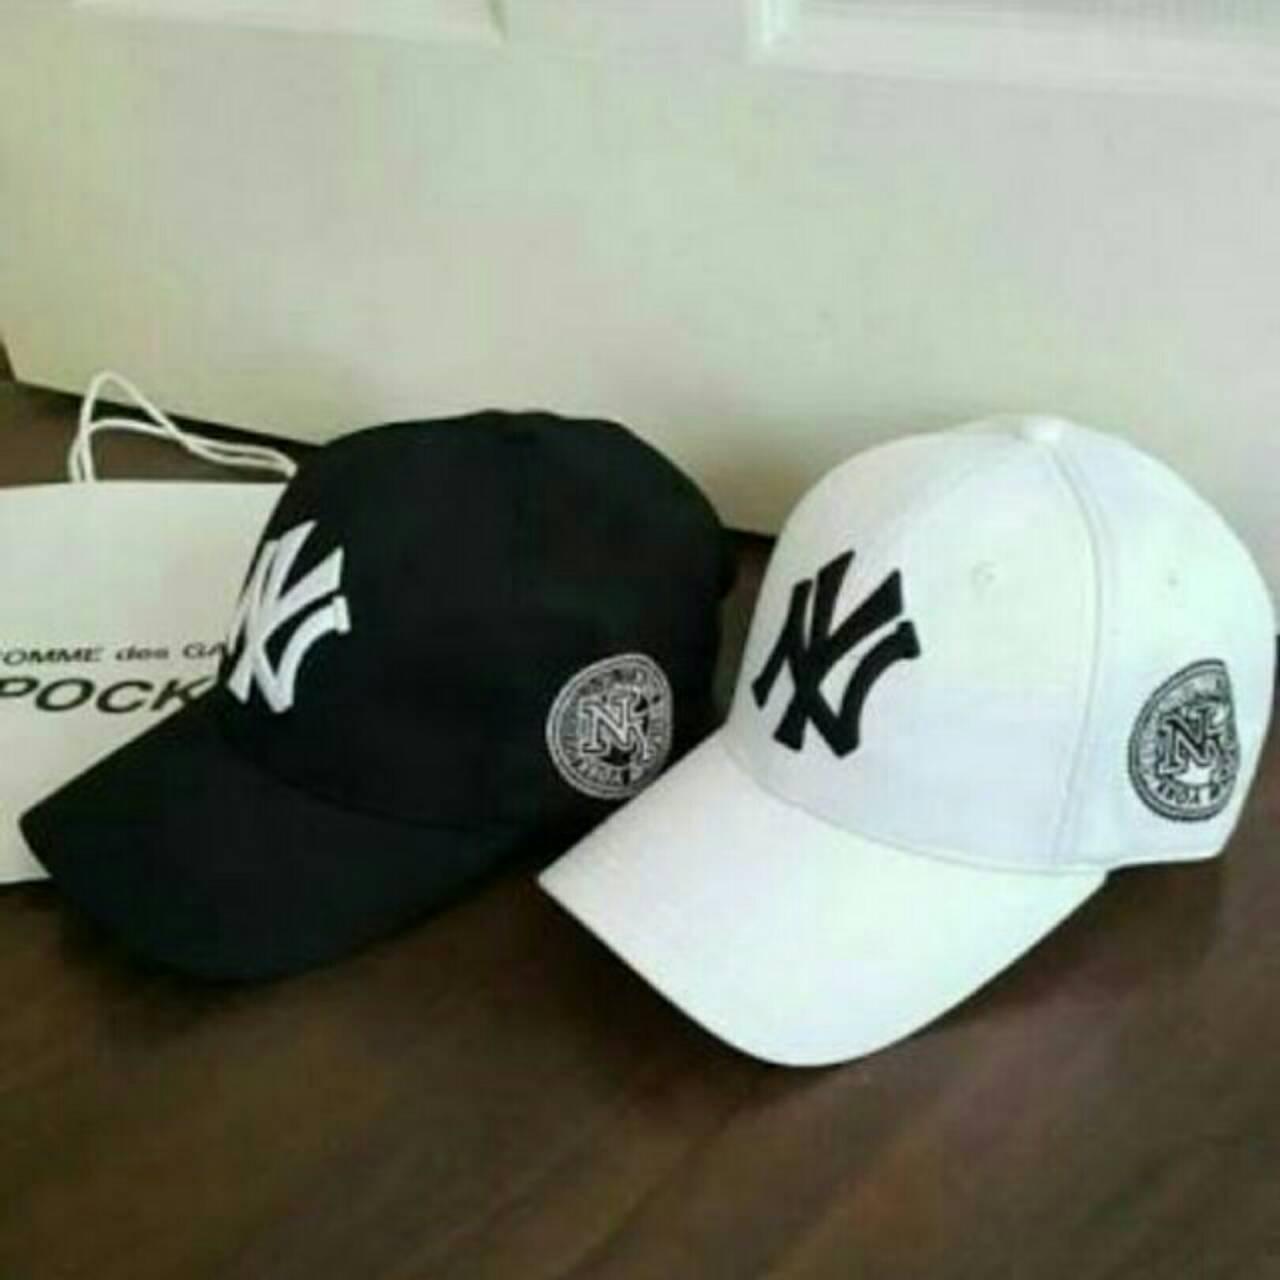 หมวก NY ผ้าหนา อย่างดี ใส่สบาย เกรดพรีเมี่ยม (พร้อมส่งสีขาว/ดำ) ระบุสีที่สั่งมาด้วยนะค่ะ